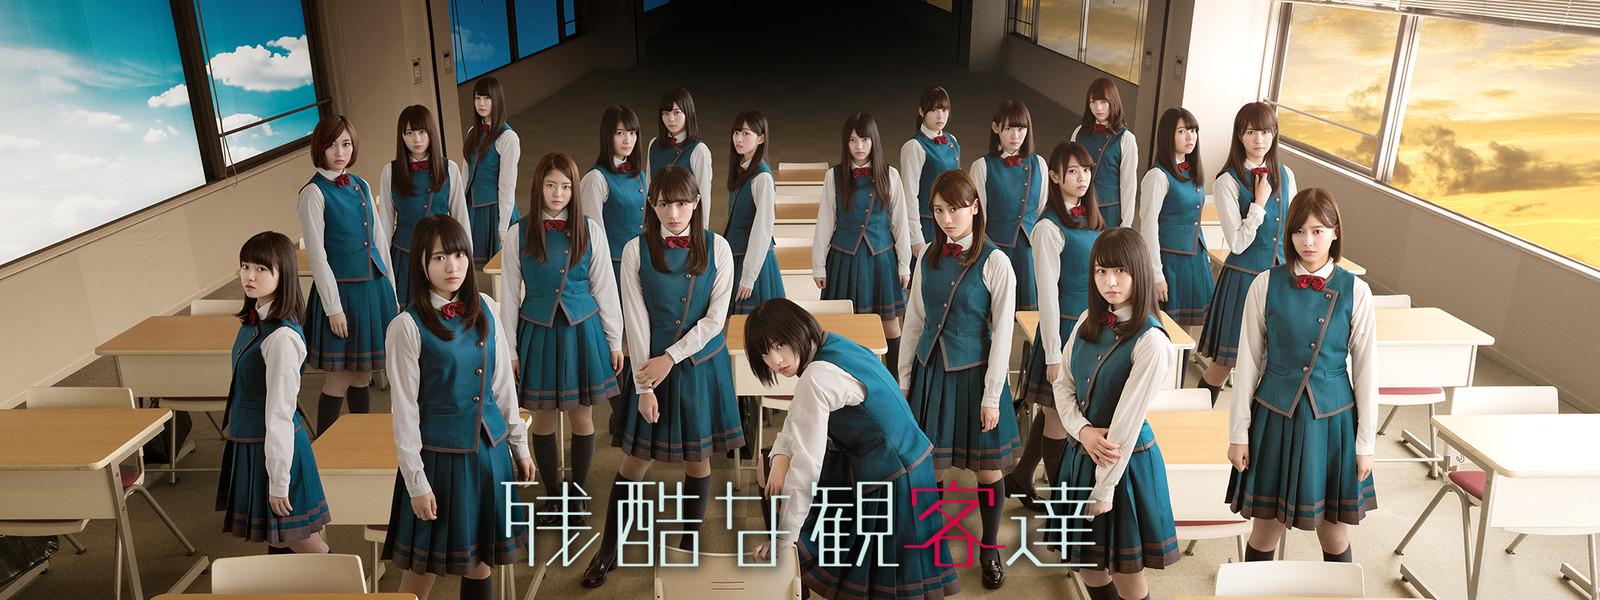 欅坂46のドラマ表紙